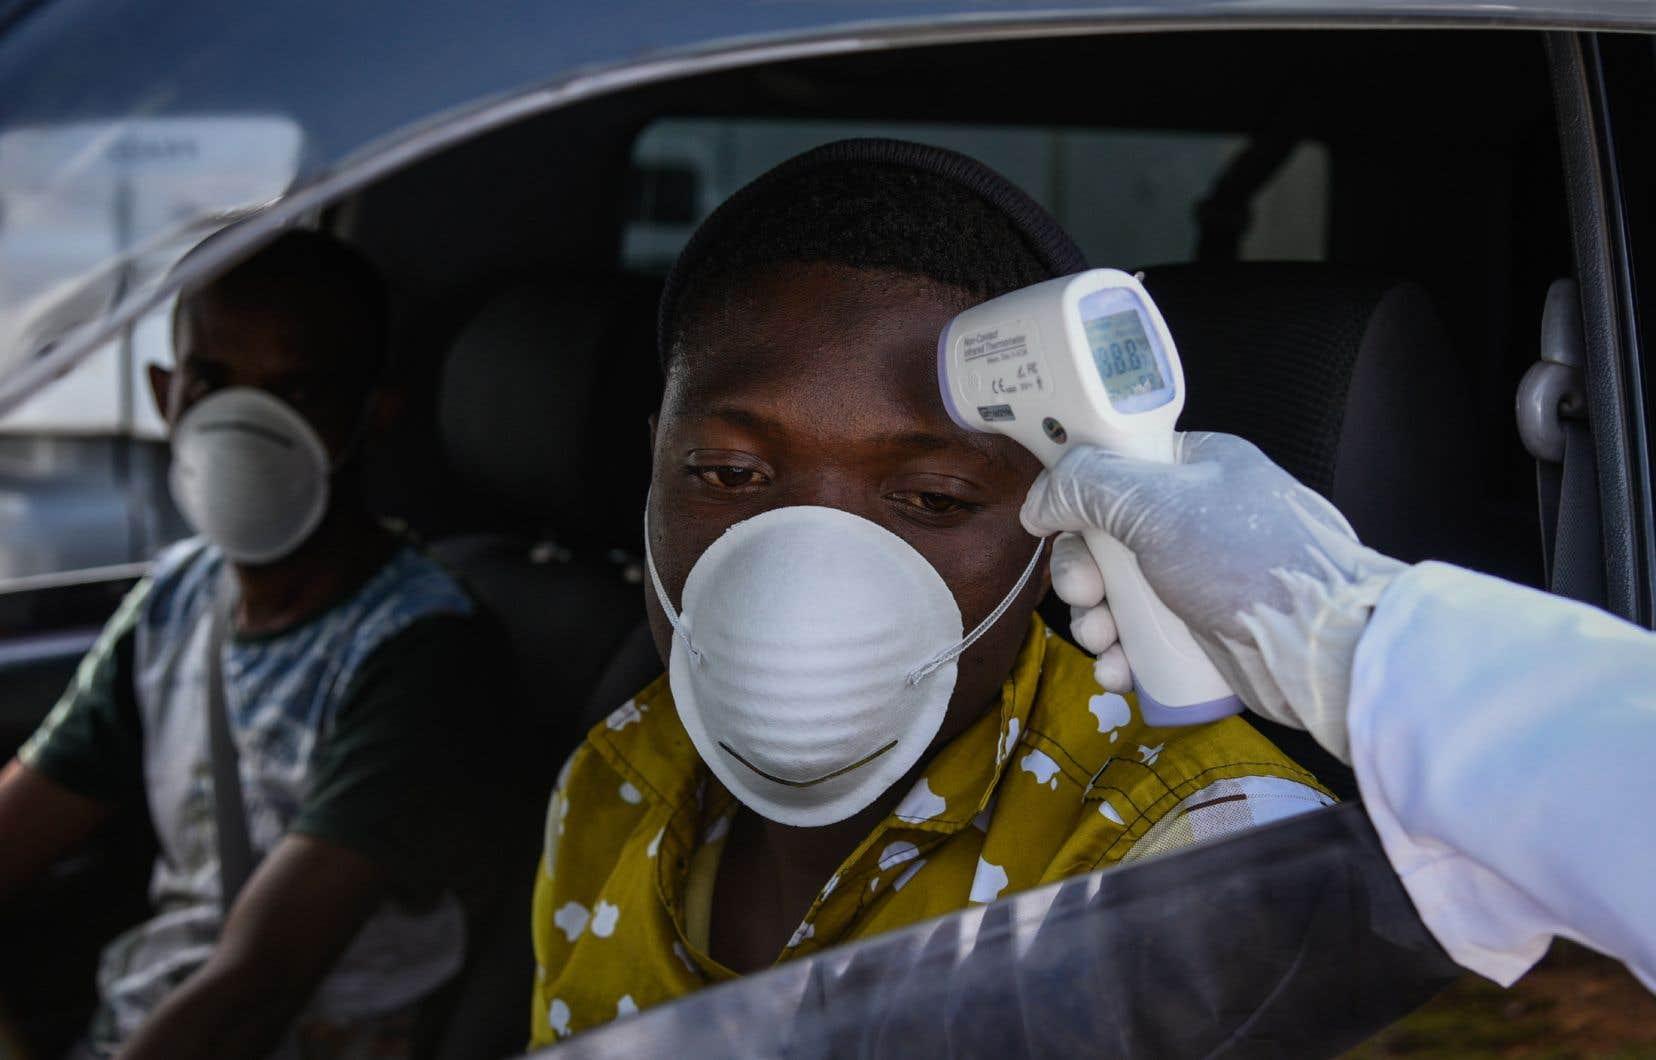 L'Afrique est jusqu'ici relativement épargnée par le coronavirus, mais a tout de même enregistré plus de 11500 cas et plus de 570 décès, selon un décompte de l'AFP.